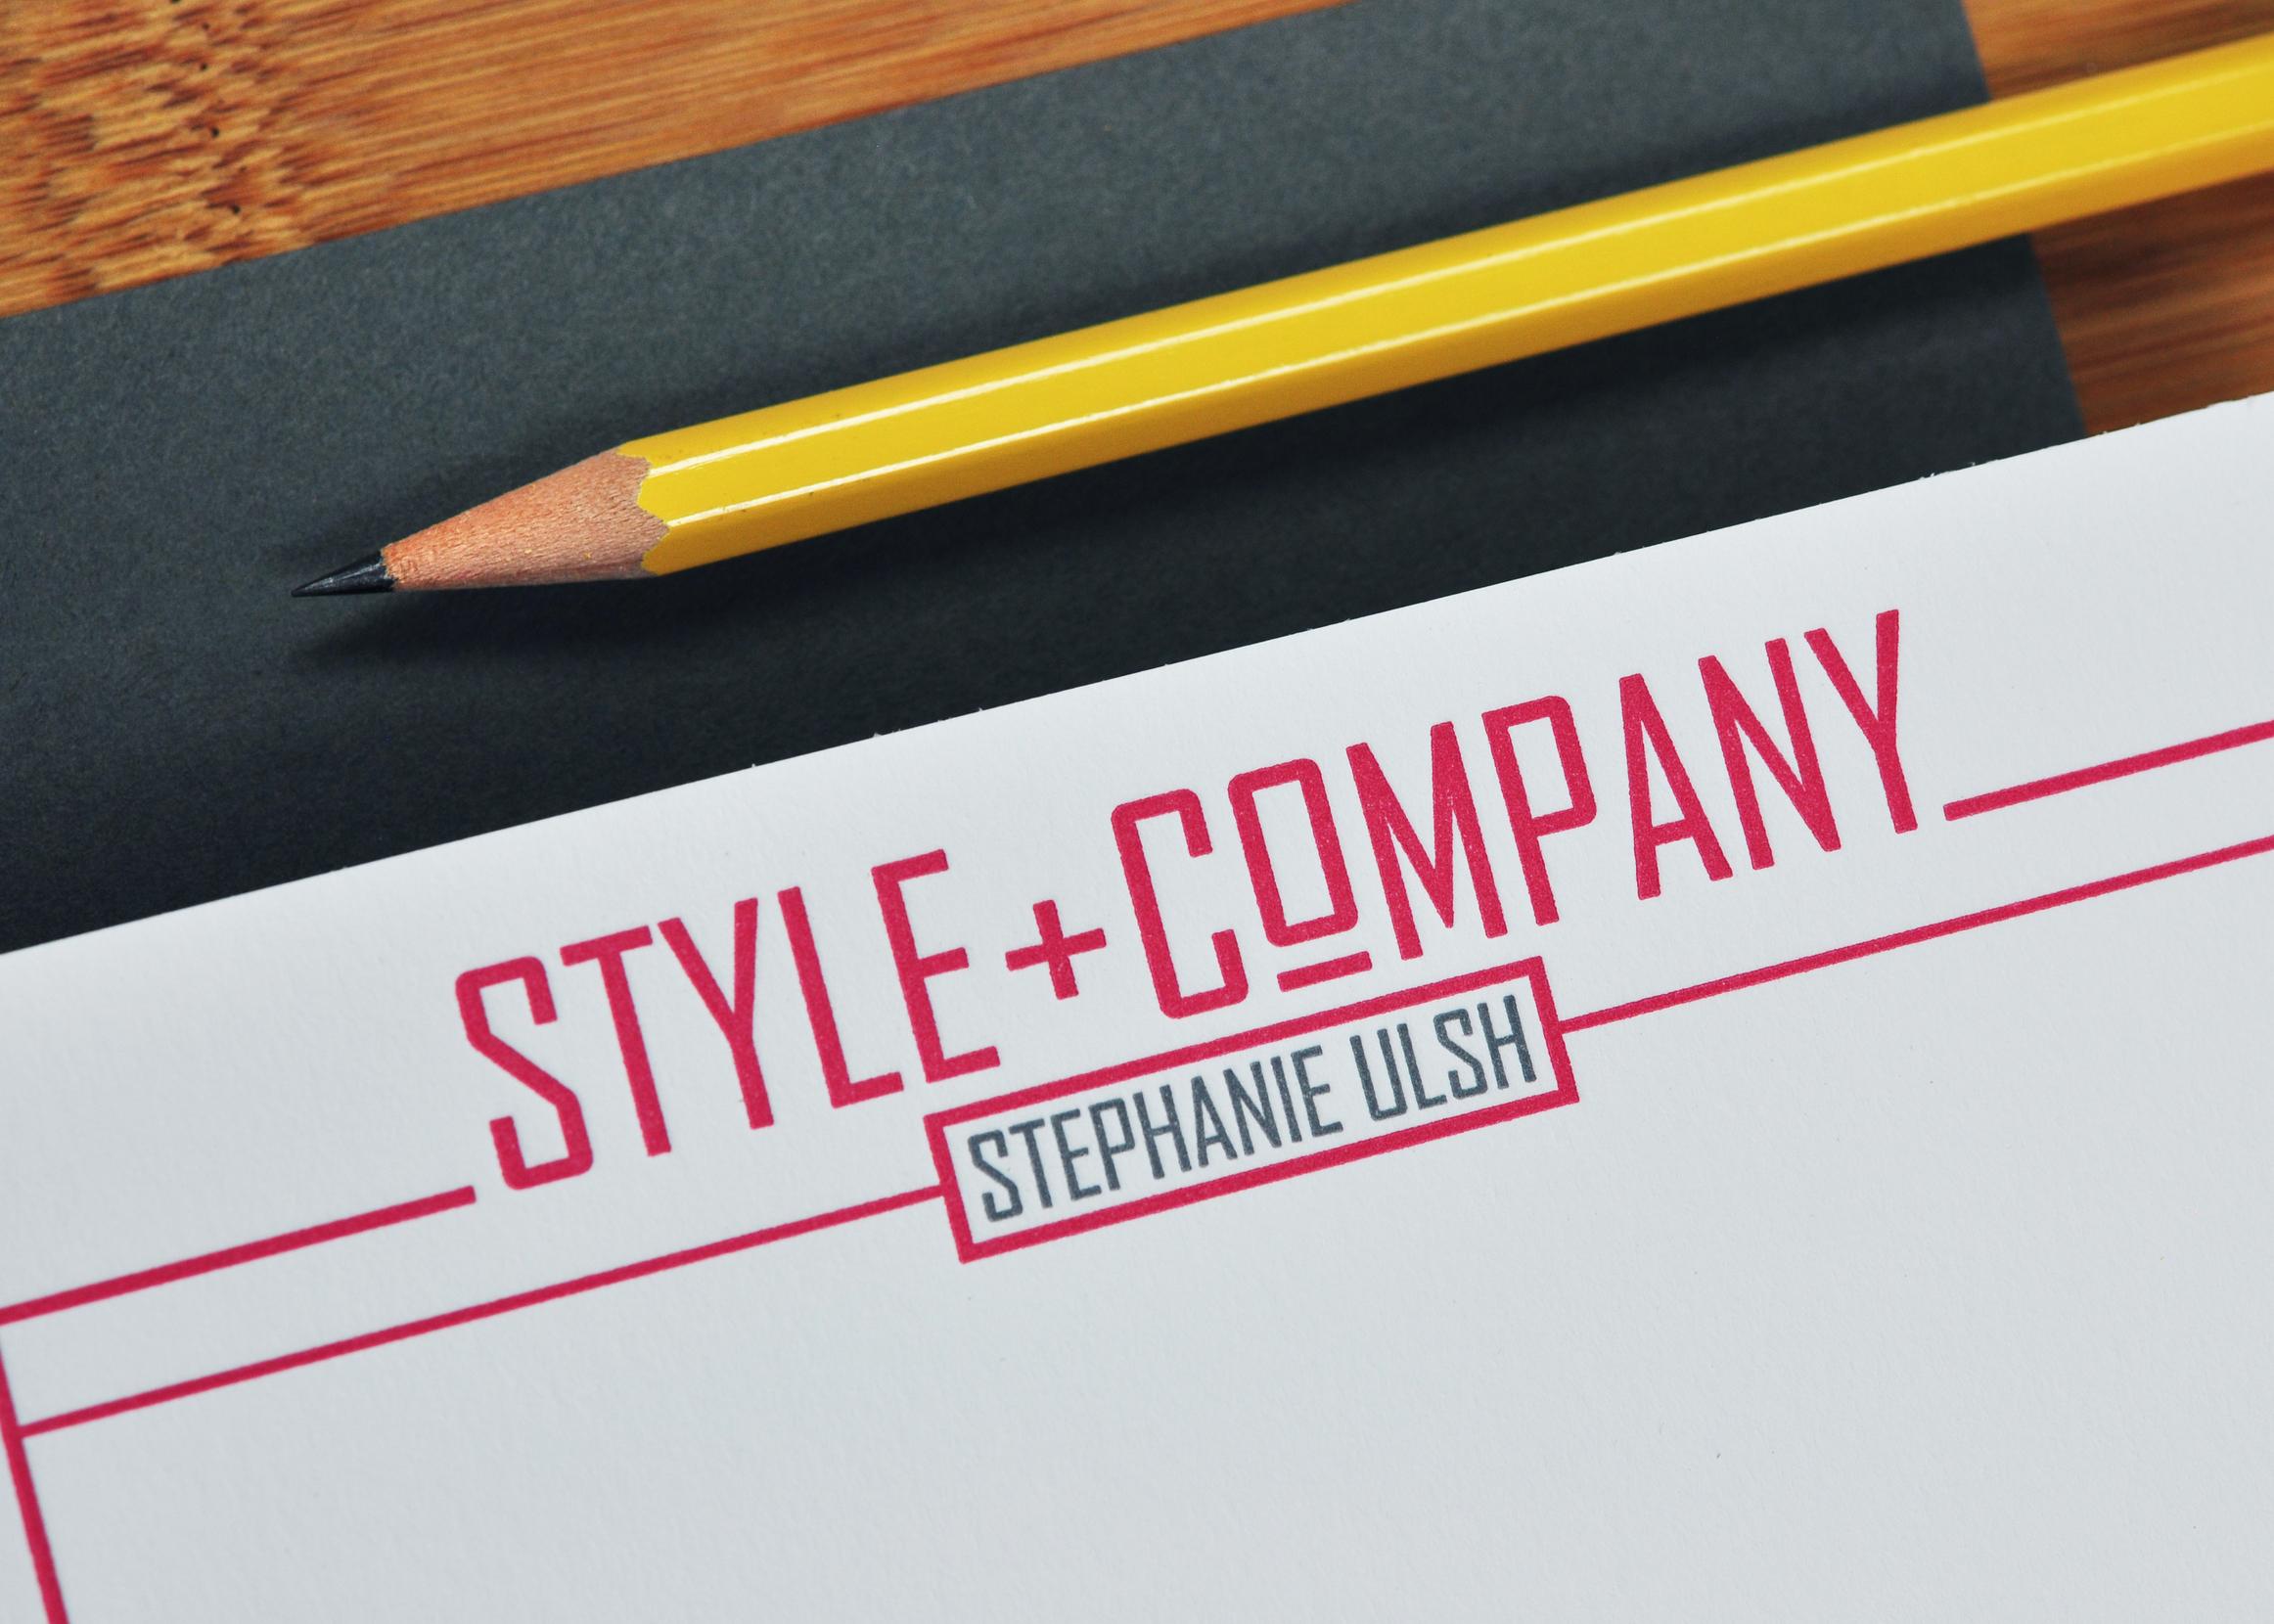 STYLE + COMPANY IDENTITY